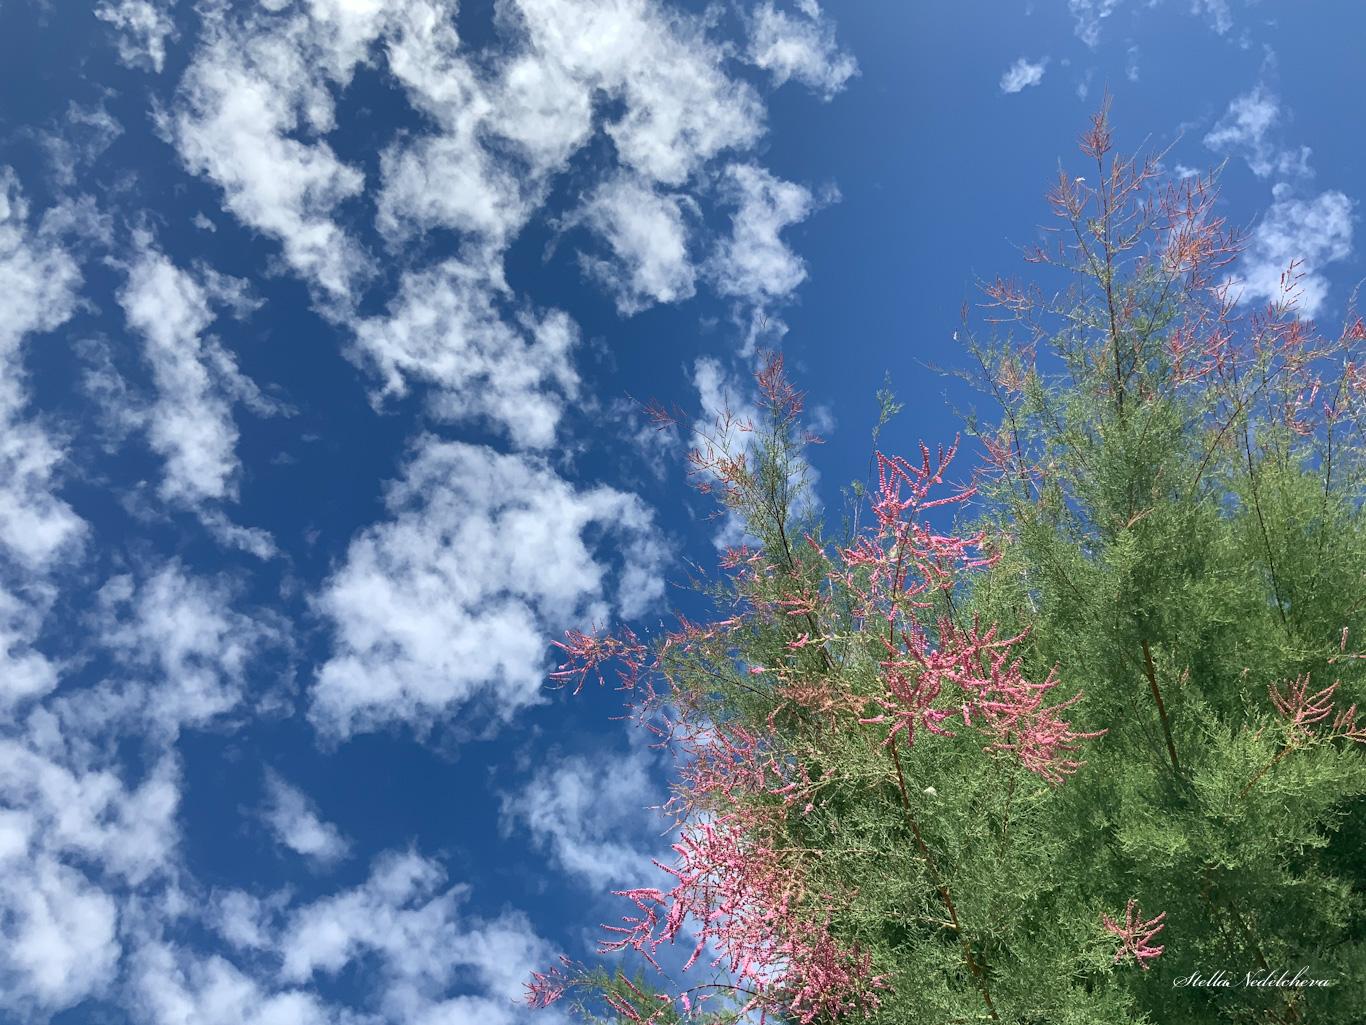 Arbuste fleuri sur le fond d'un ciel avec quelques nuages